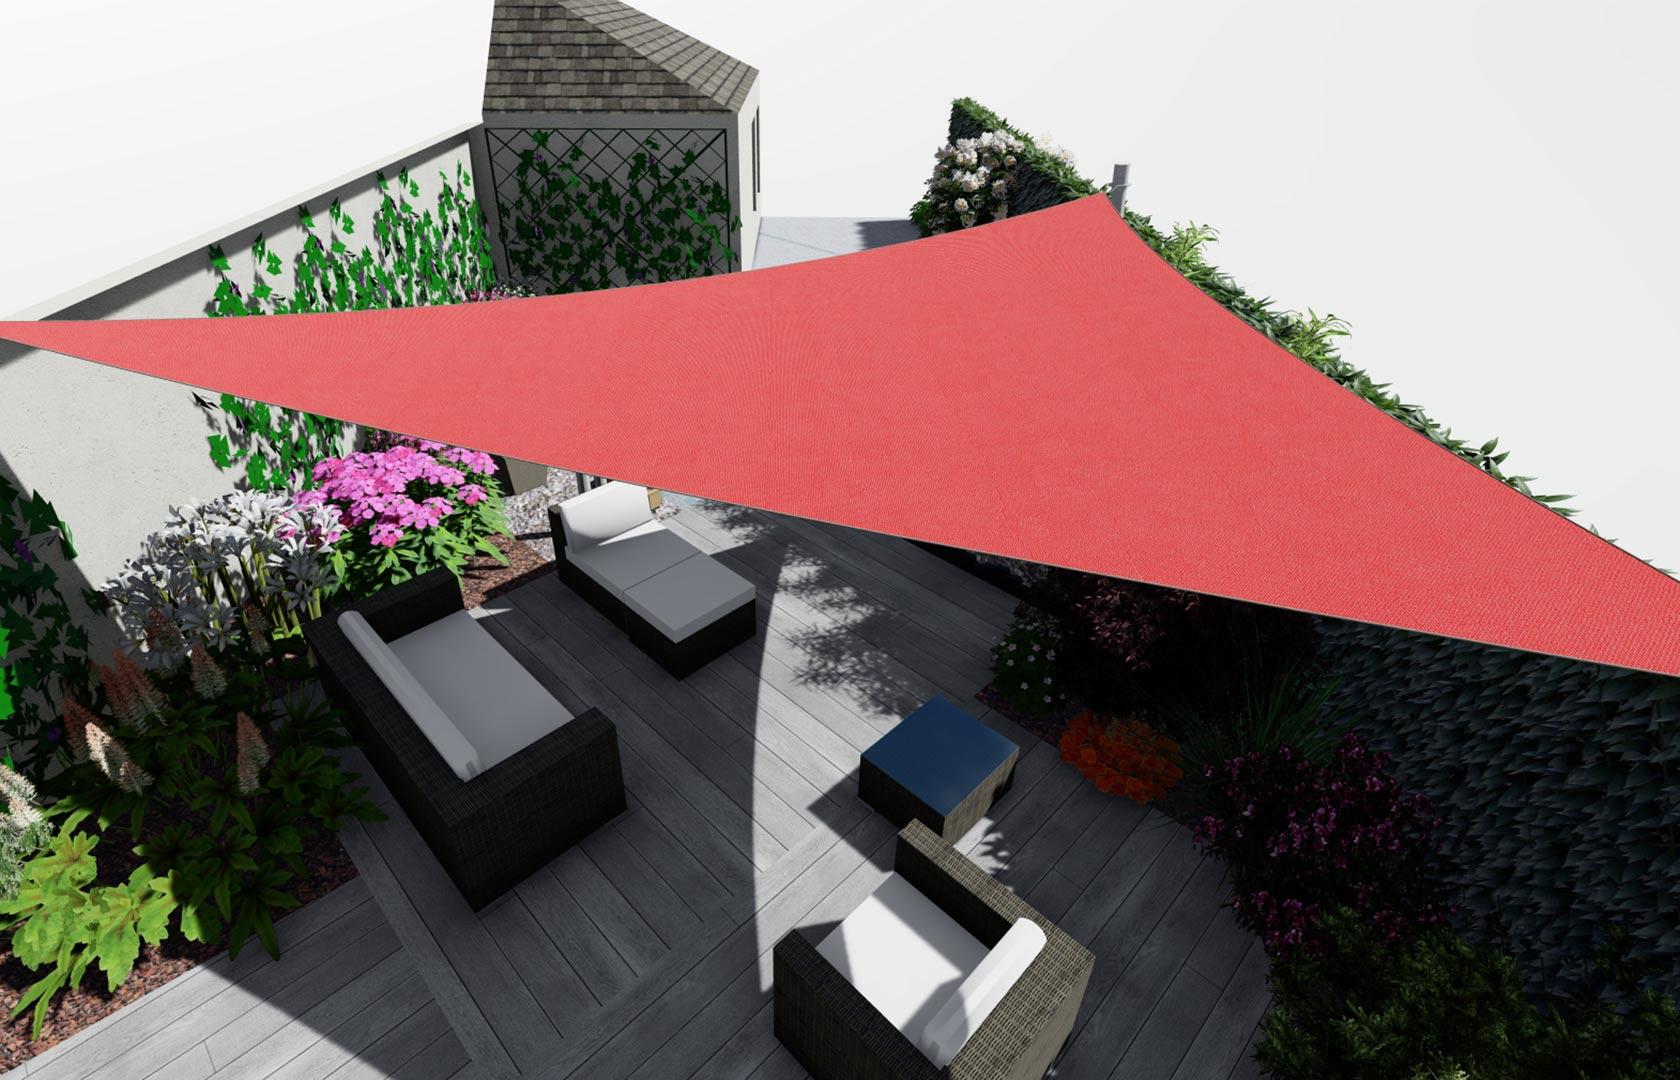 Serrault Jardins, imagine votre jardin et donne vie à vos idées.